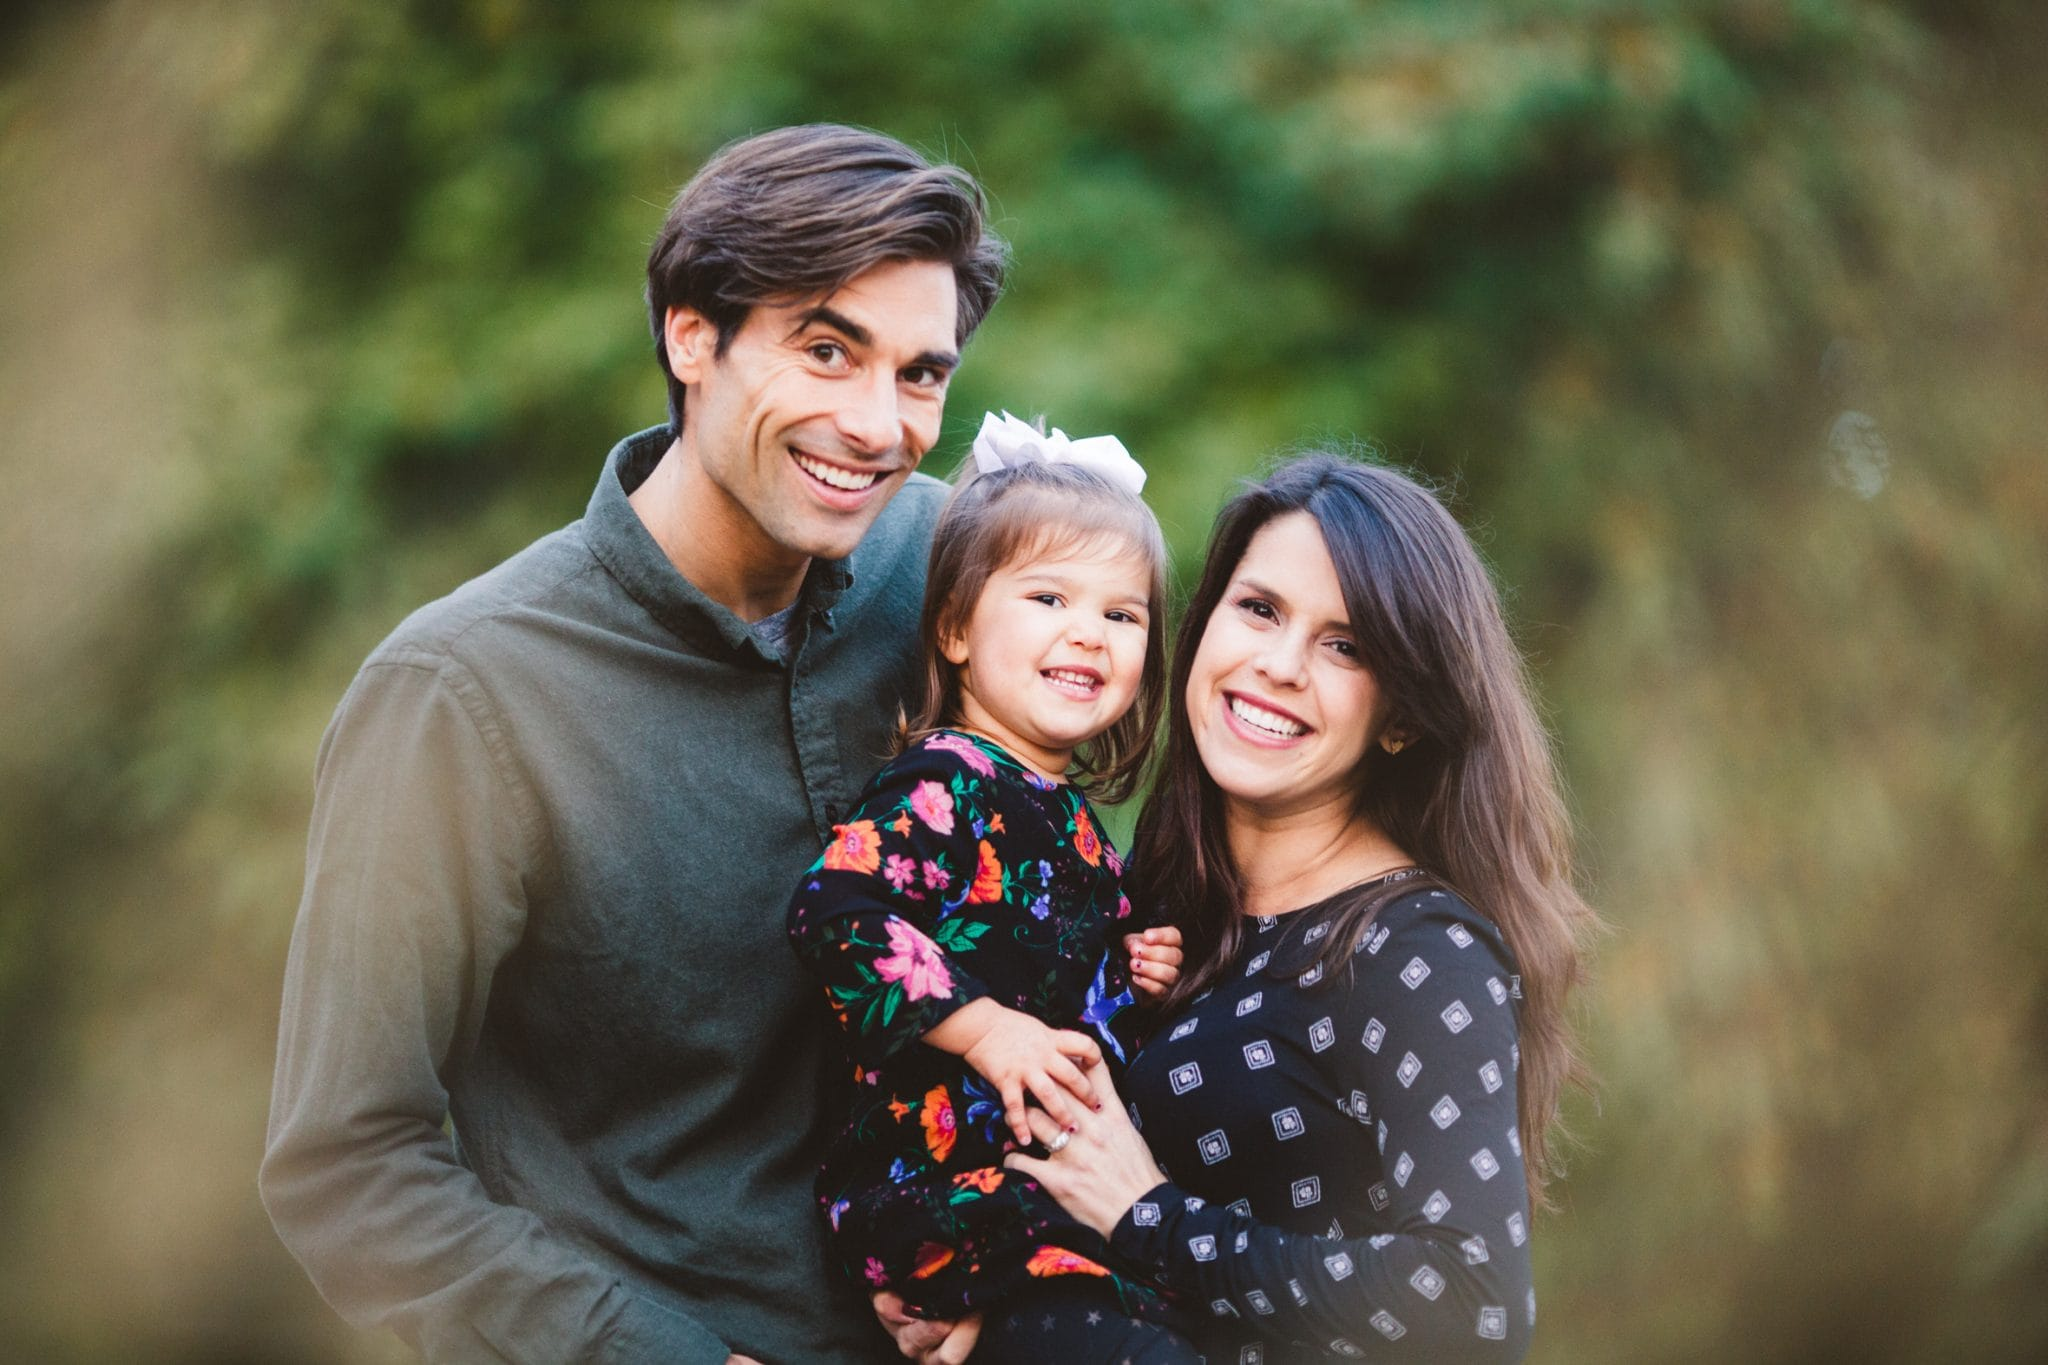 arroyo grande family photos